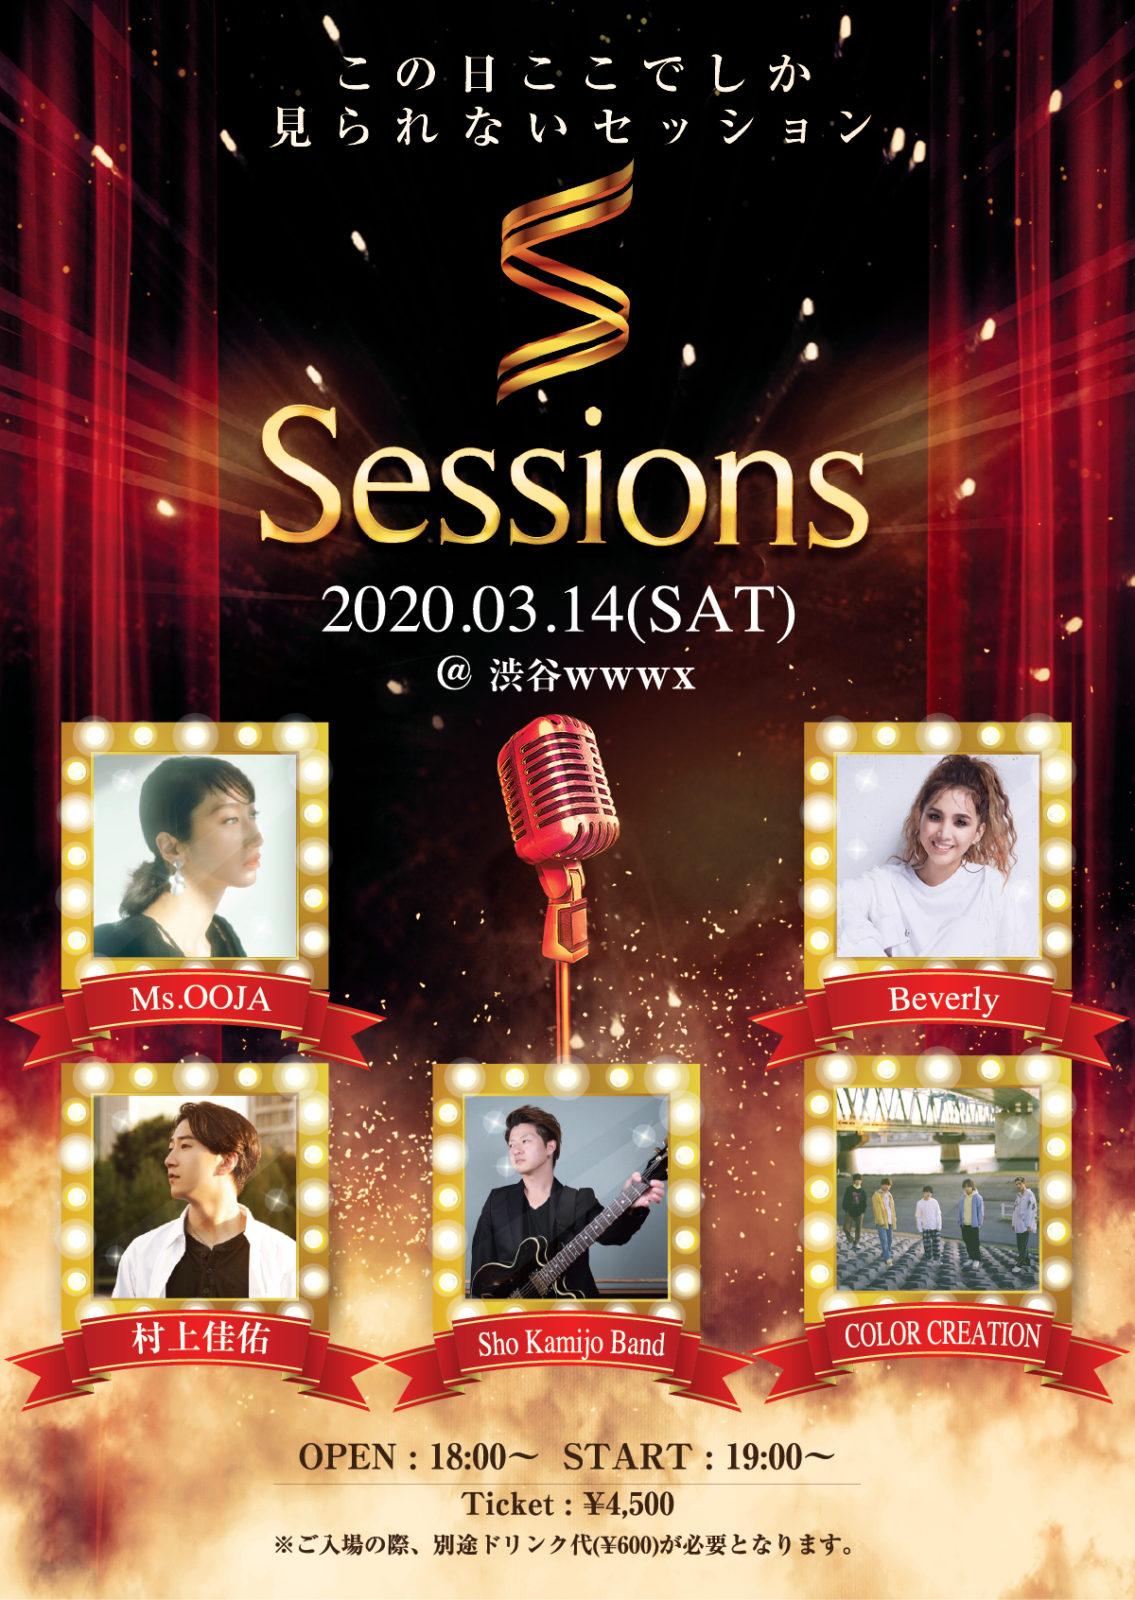 R&B系実力派アーティストが豪華生バンドで競演する「Sessions」3月14日渋谷WWW Xにて開催決定サムネイル画像